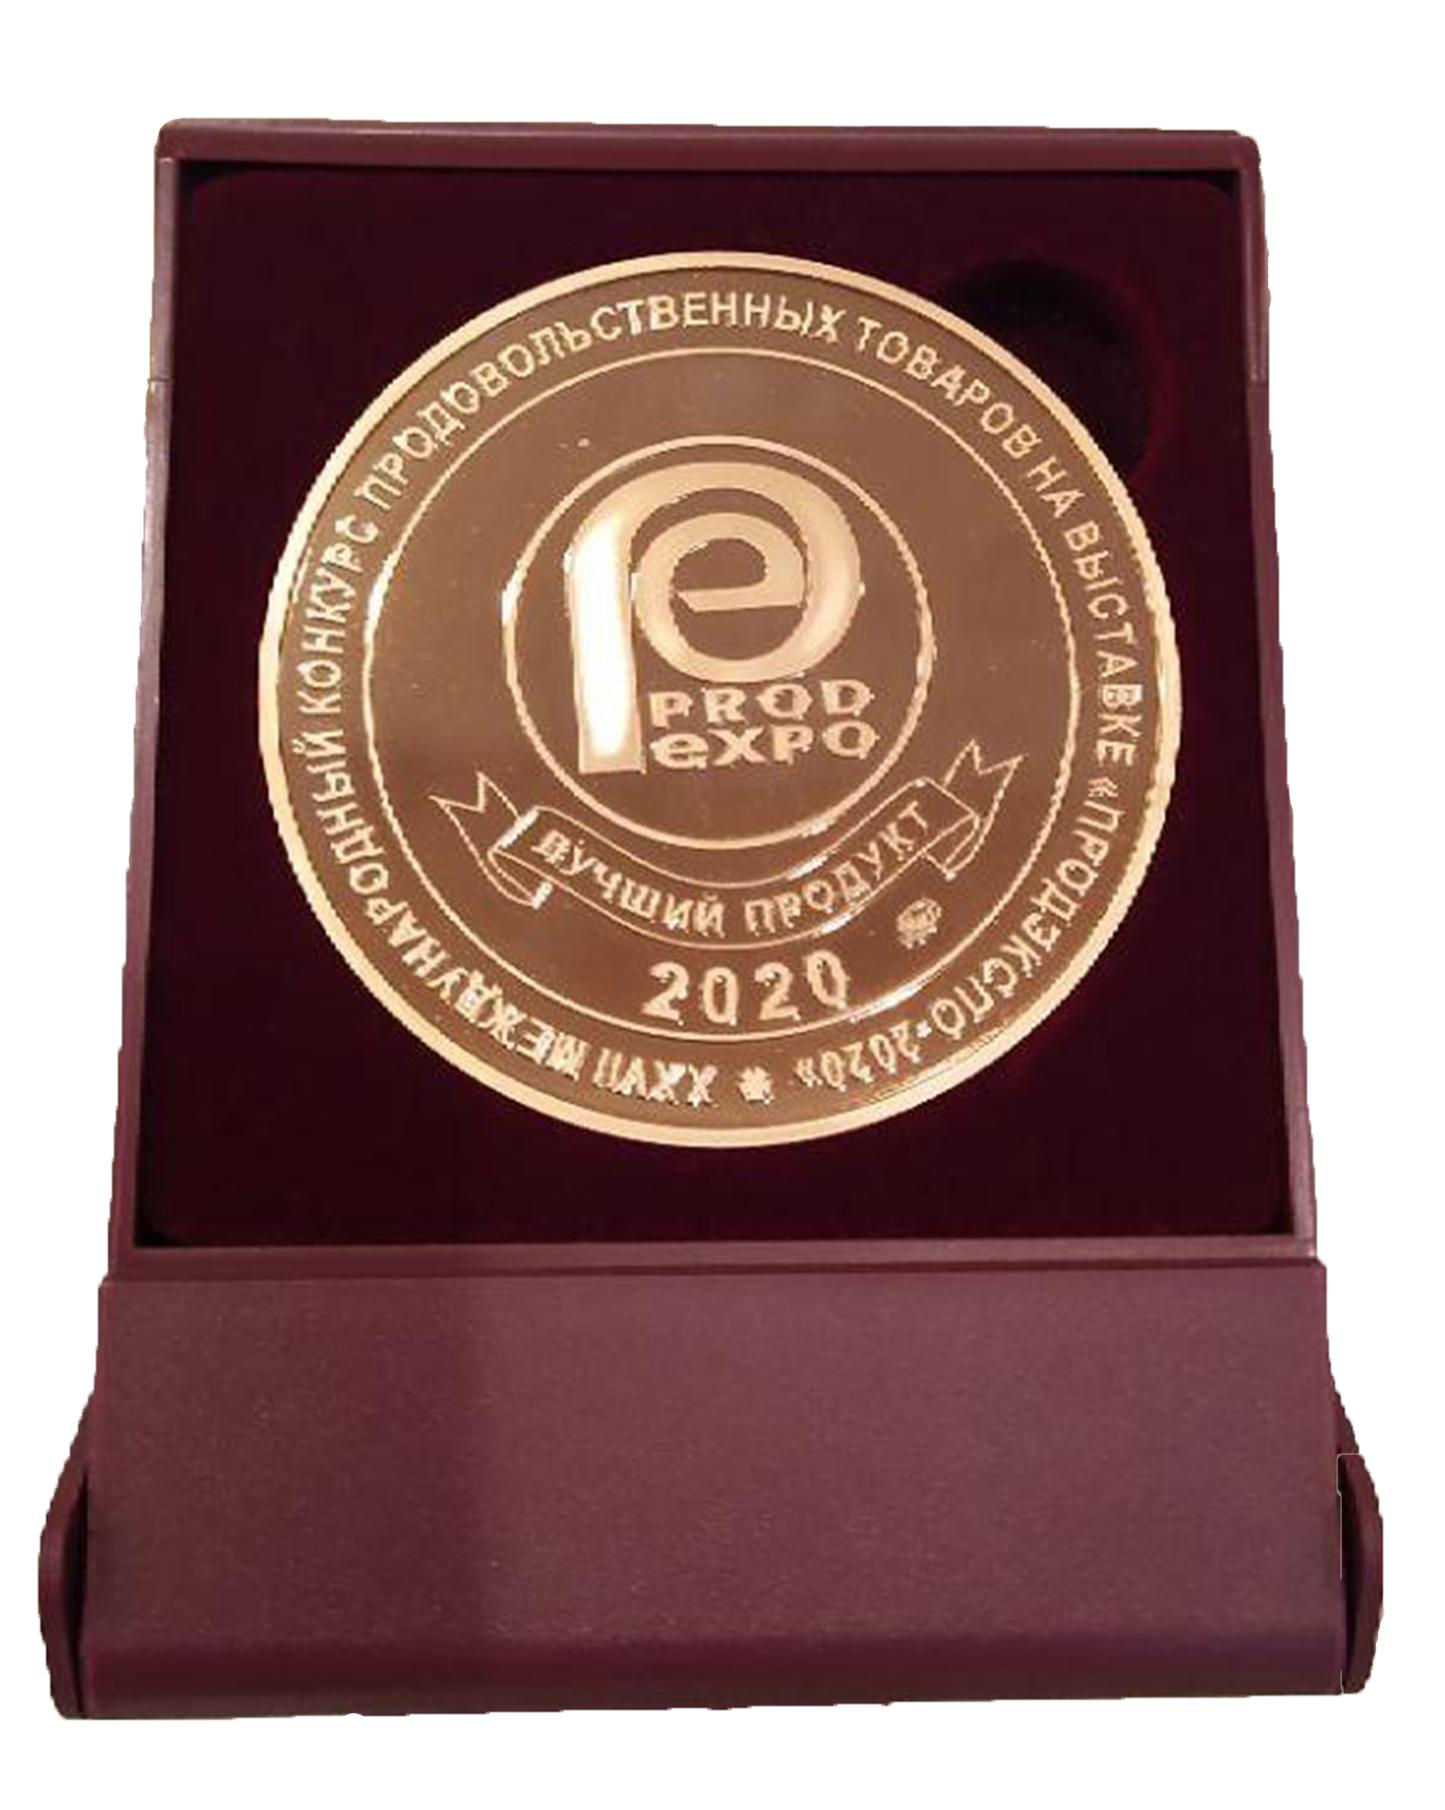 Золотая медаль - лучший продукт 2020 - Вина красного сухого Uzbekistan 1867 Каберне